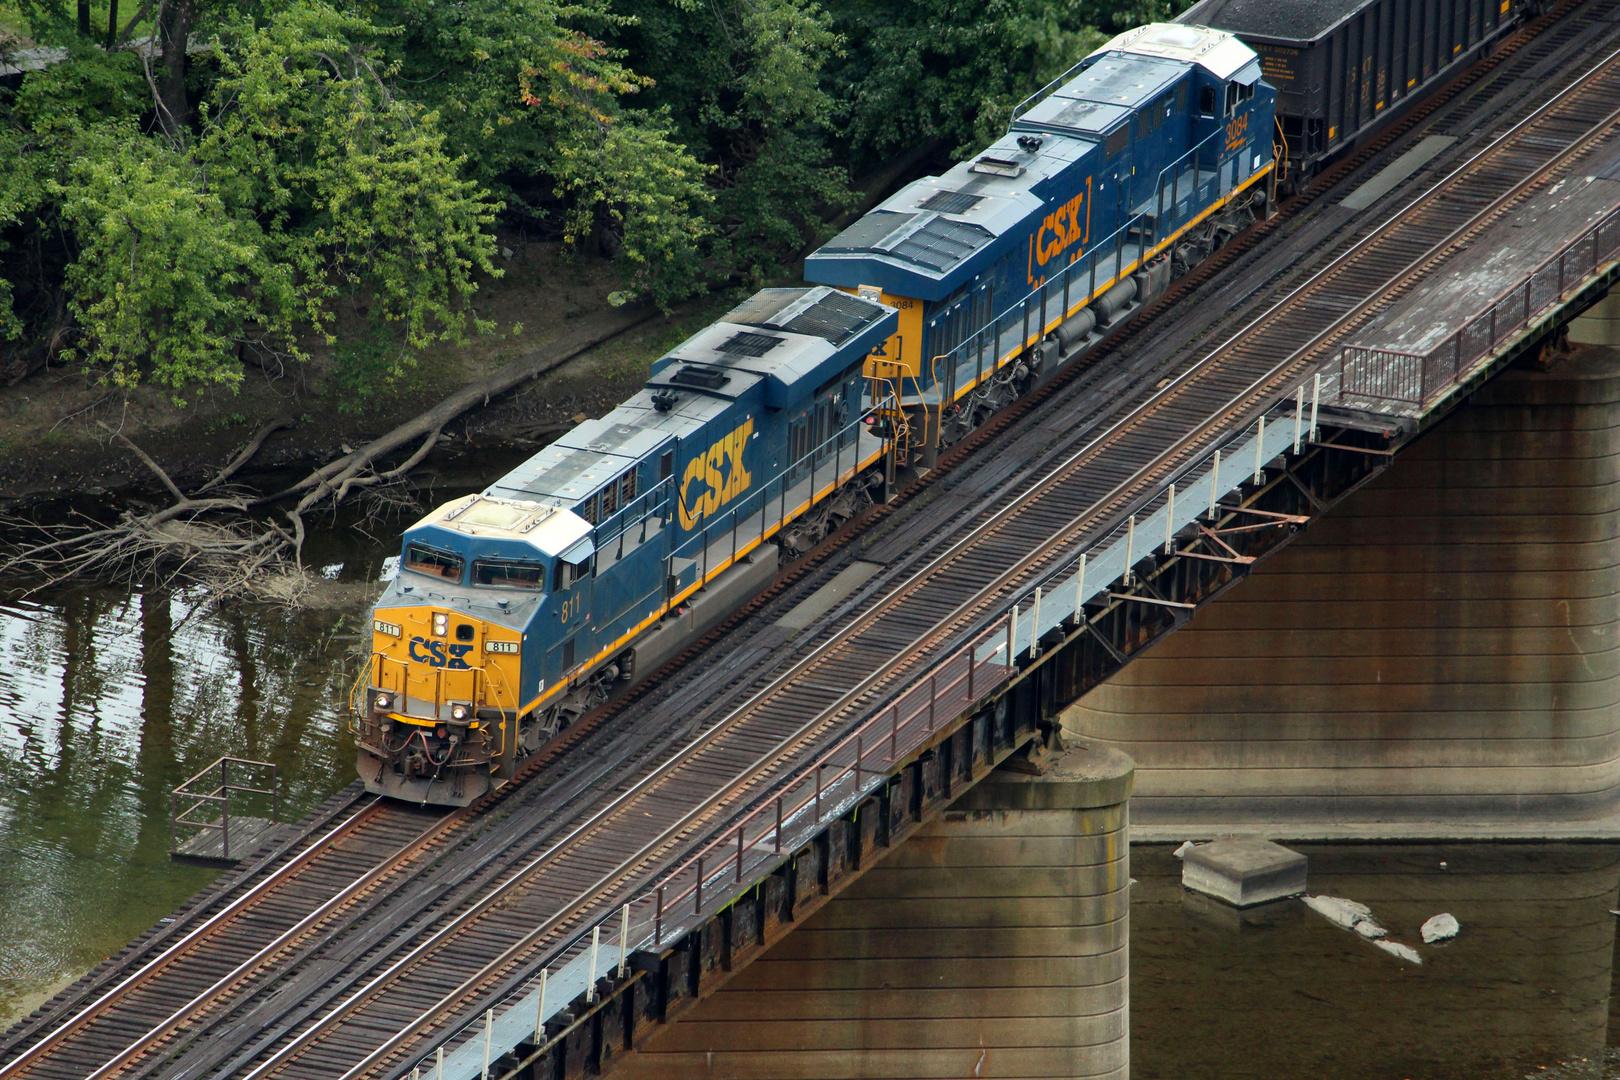 Ein Kohlezug der CSXT passiert die Brücke bei Harpers Ferry, West Virginia, USA